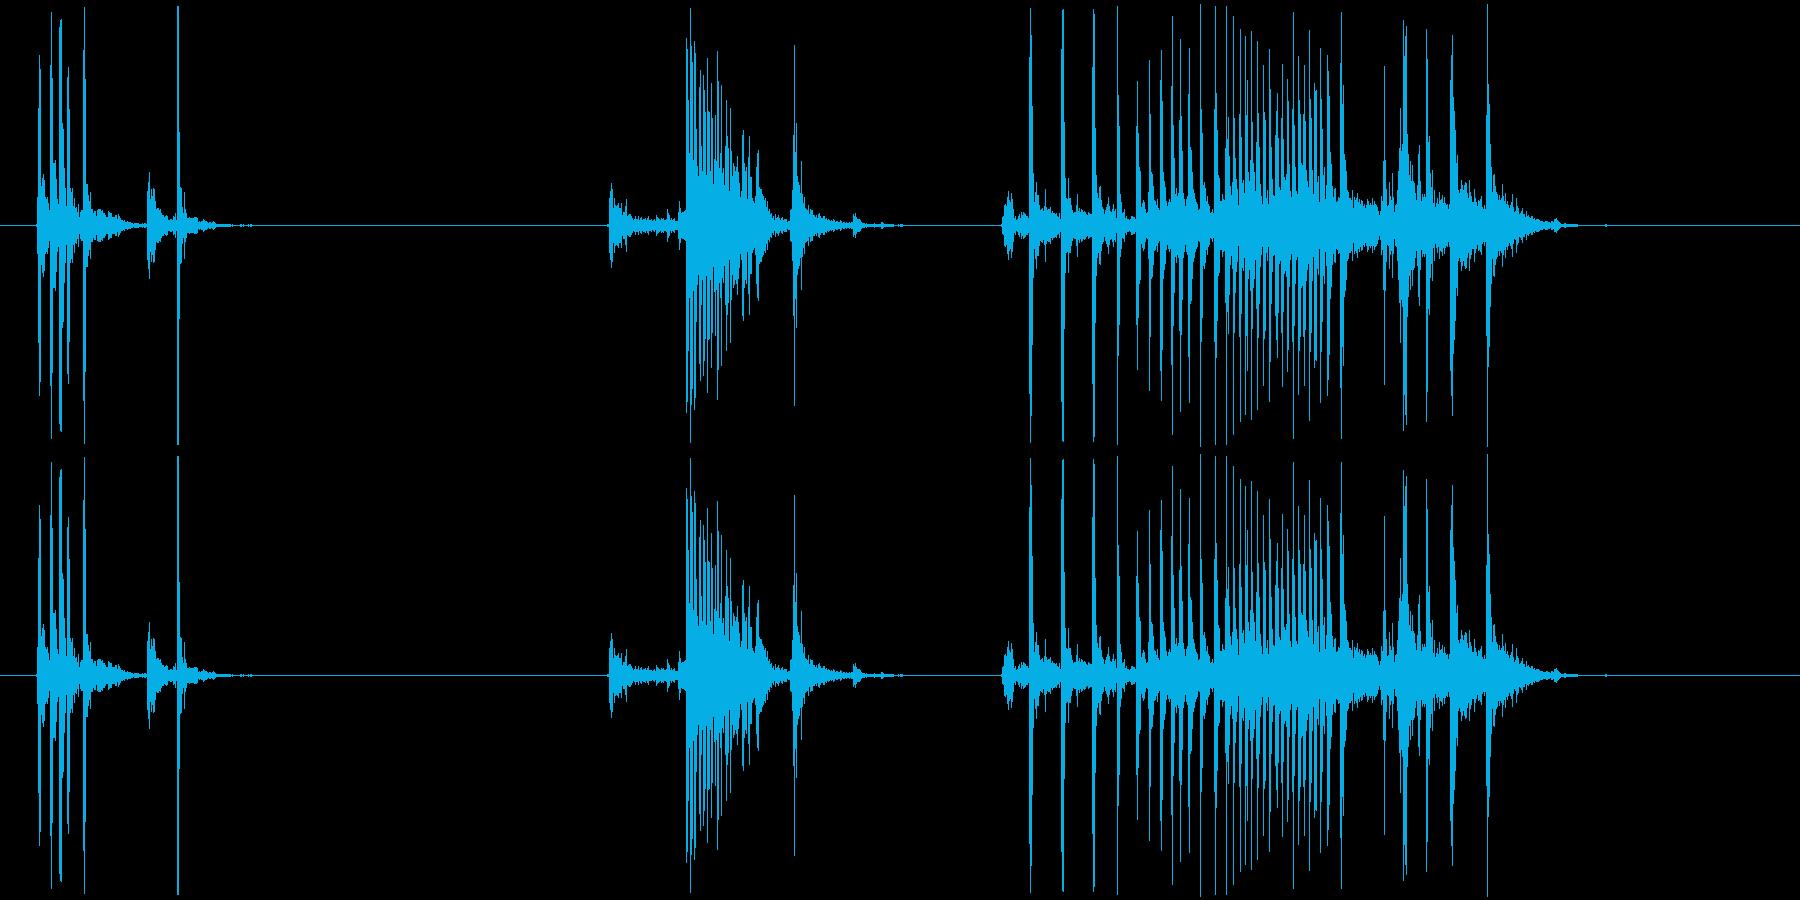 ぎしぎし(きしむ音)の再生済みの波形